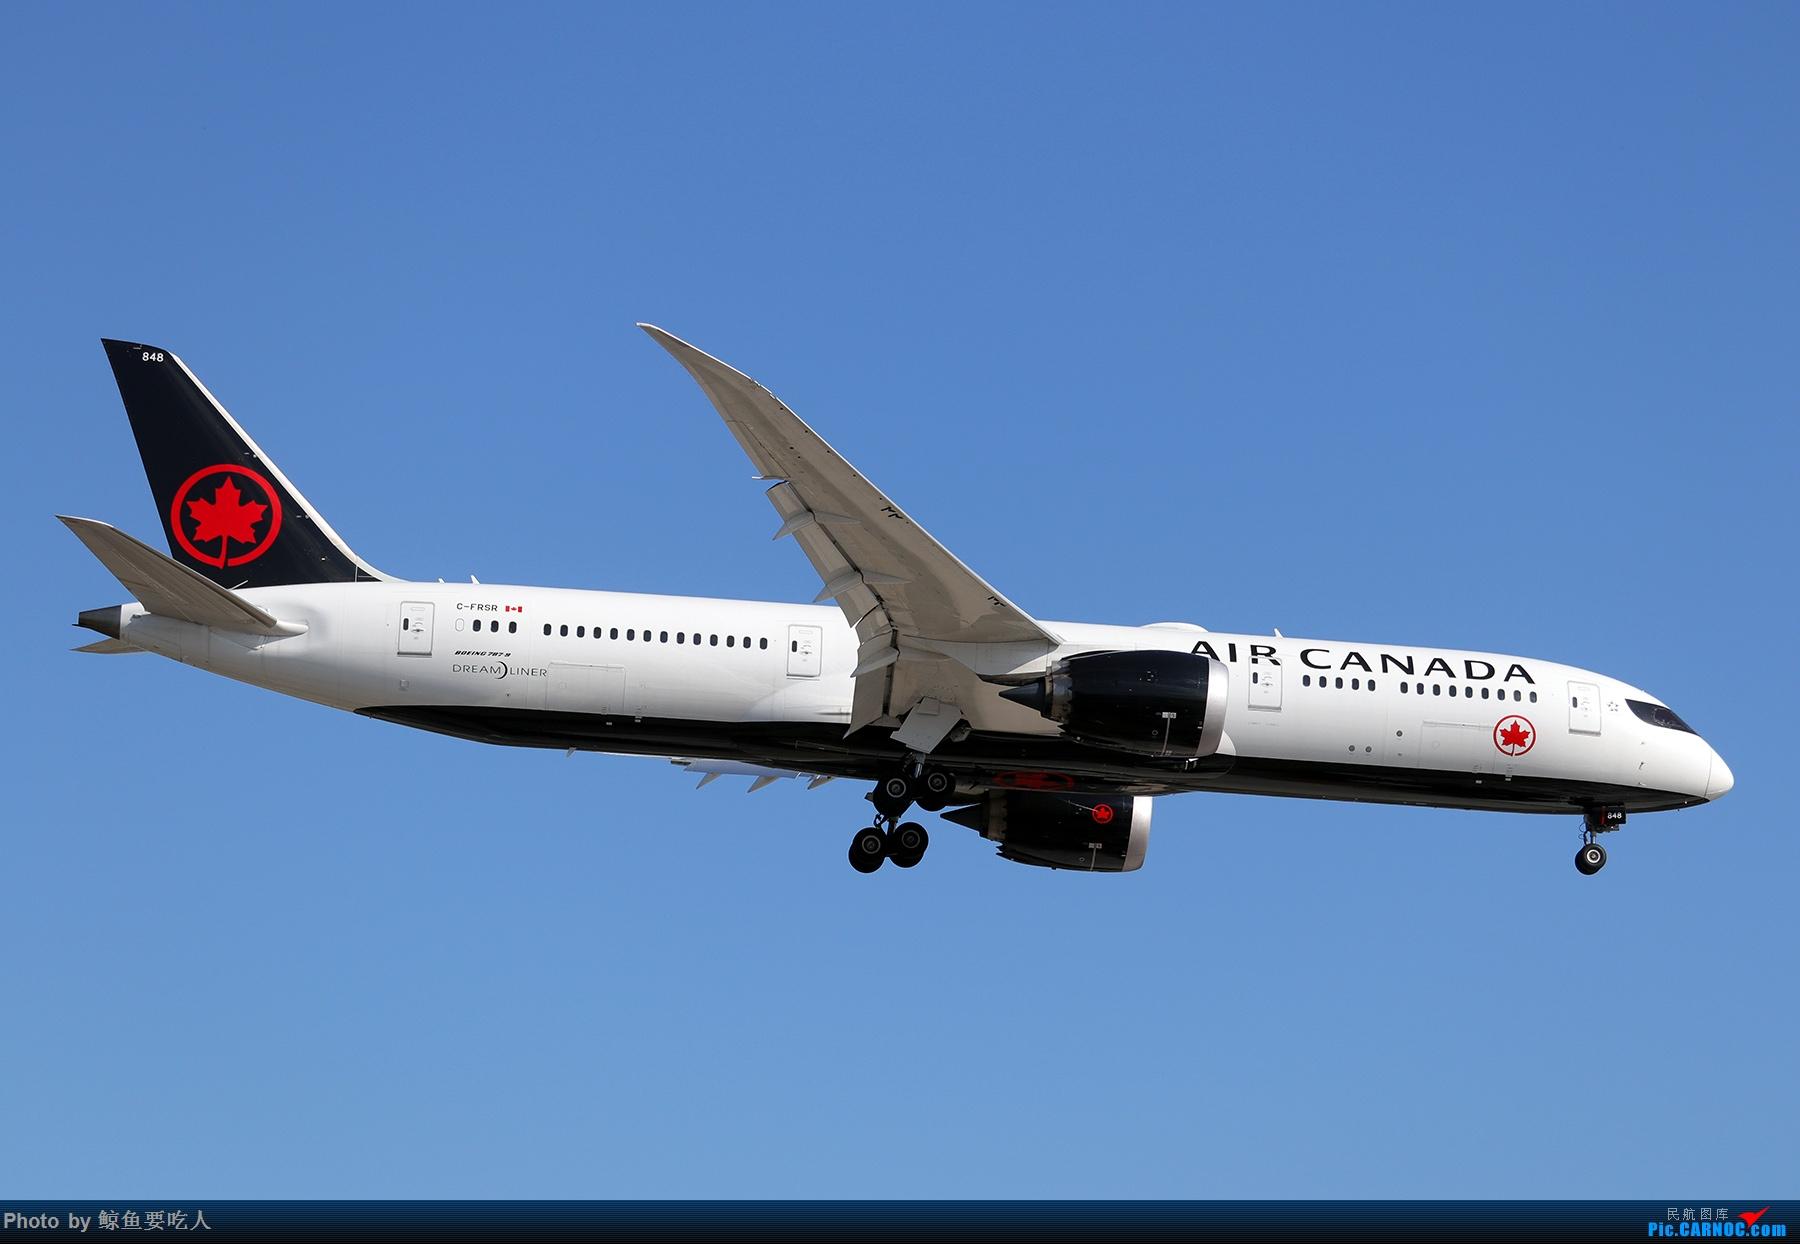 Re:[原创]【多图党】见证疫情后逐步的恢复,加拿大夏日多伦多皮尔逊机场拍机~ 乐见诸航空公司复航多伦多 BOEING 787-9 C-FRSR 多伦多皮尔逊国际机场